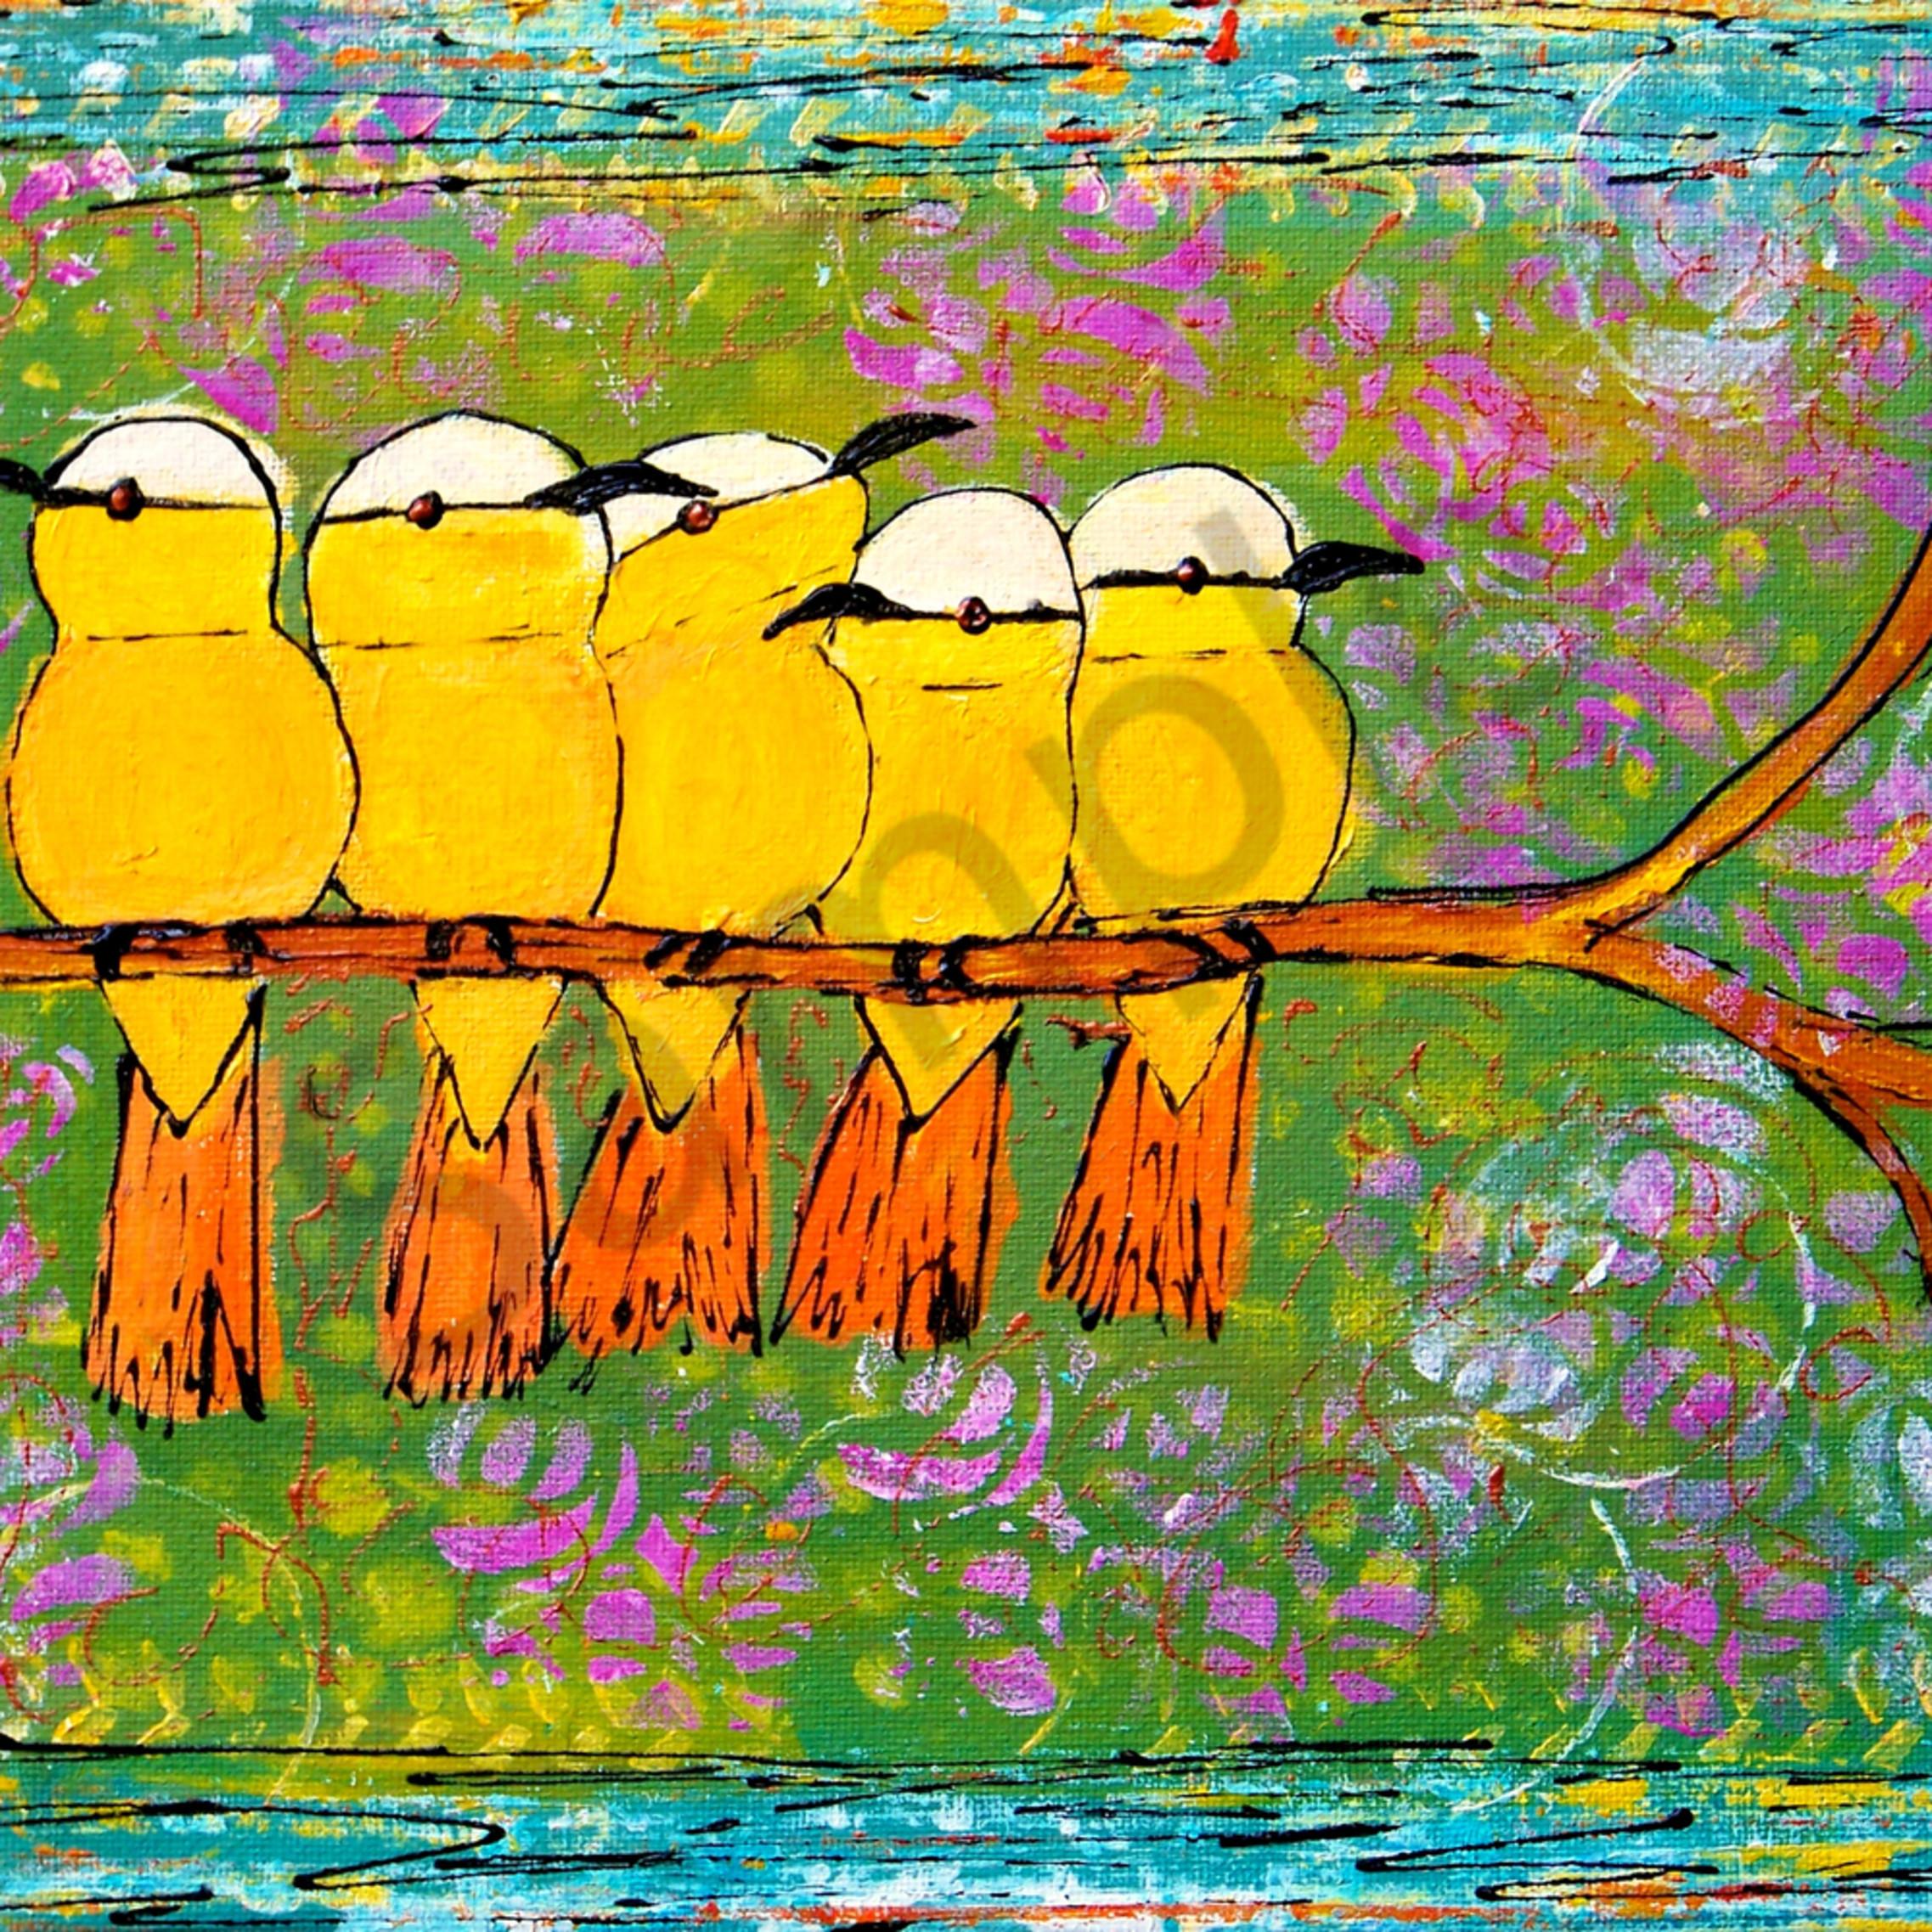 Bird party uiqvks